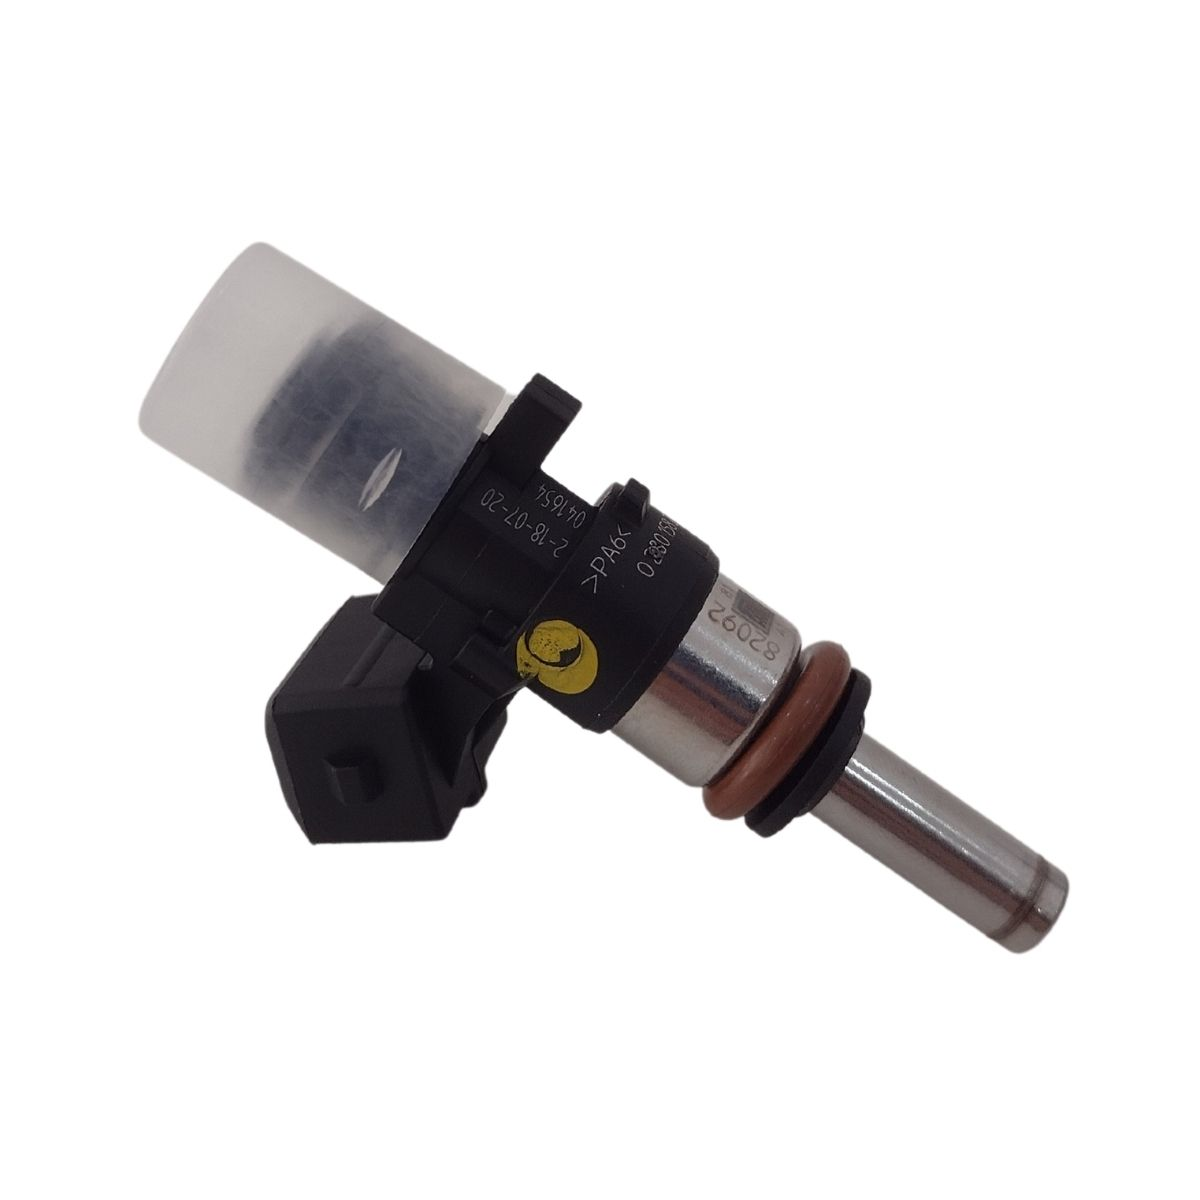 Bico Injetor 80lbs 0 280 158 209 Bosch + Conector + Brindes - Alta Impedância